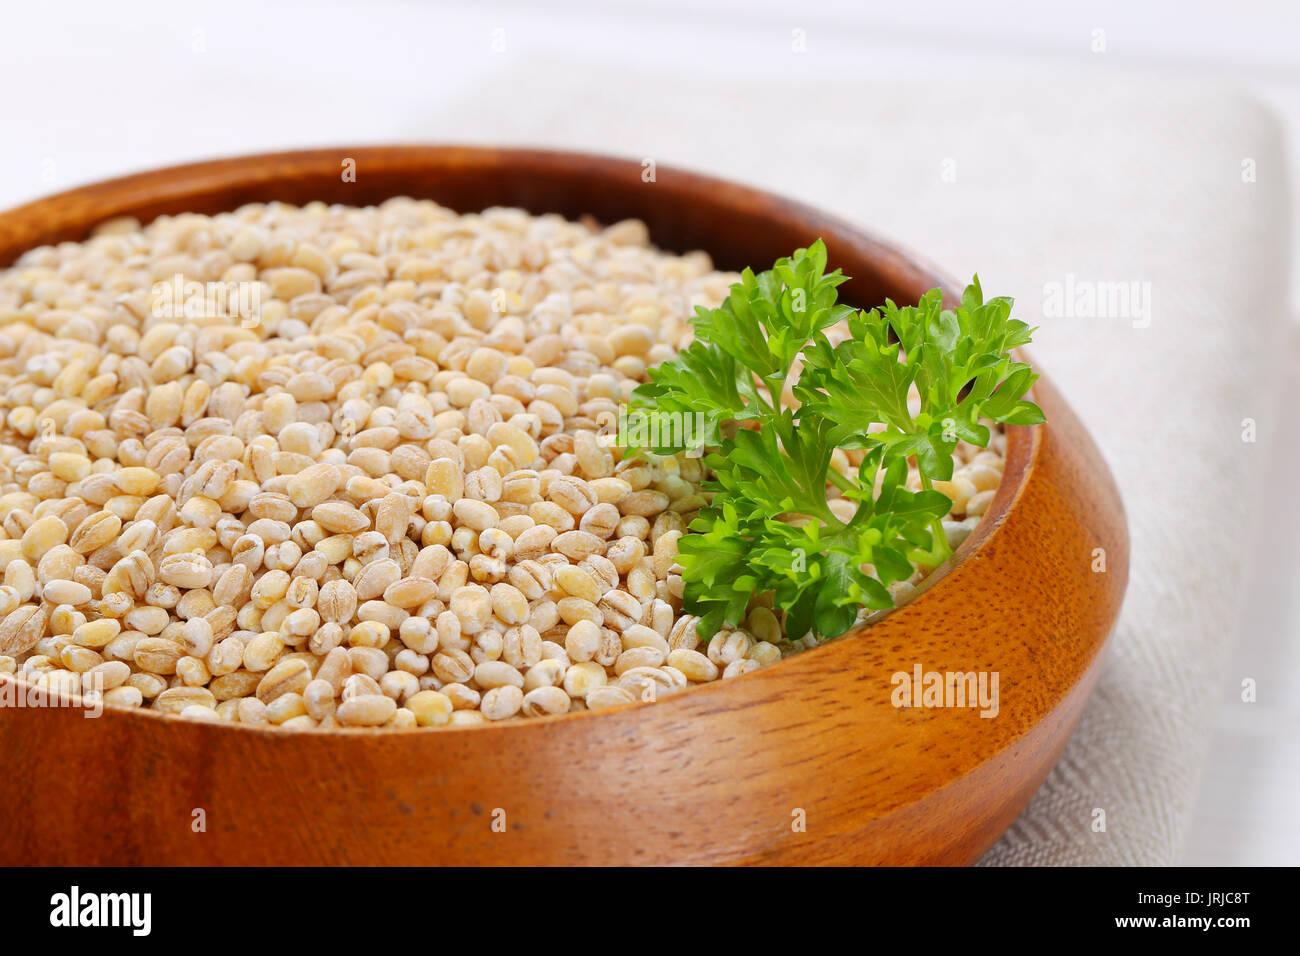 bowl of pearl barley - close up - Stock Image